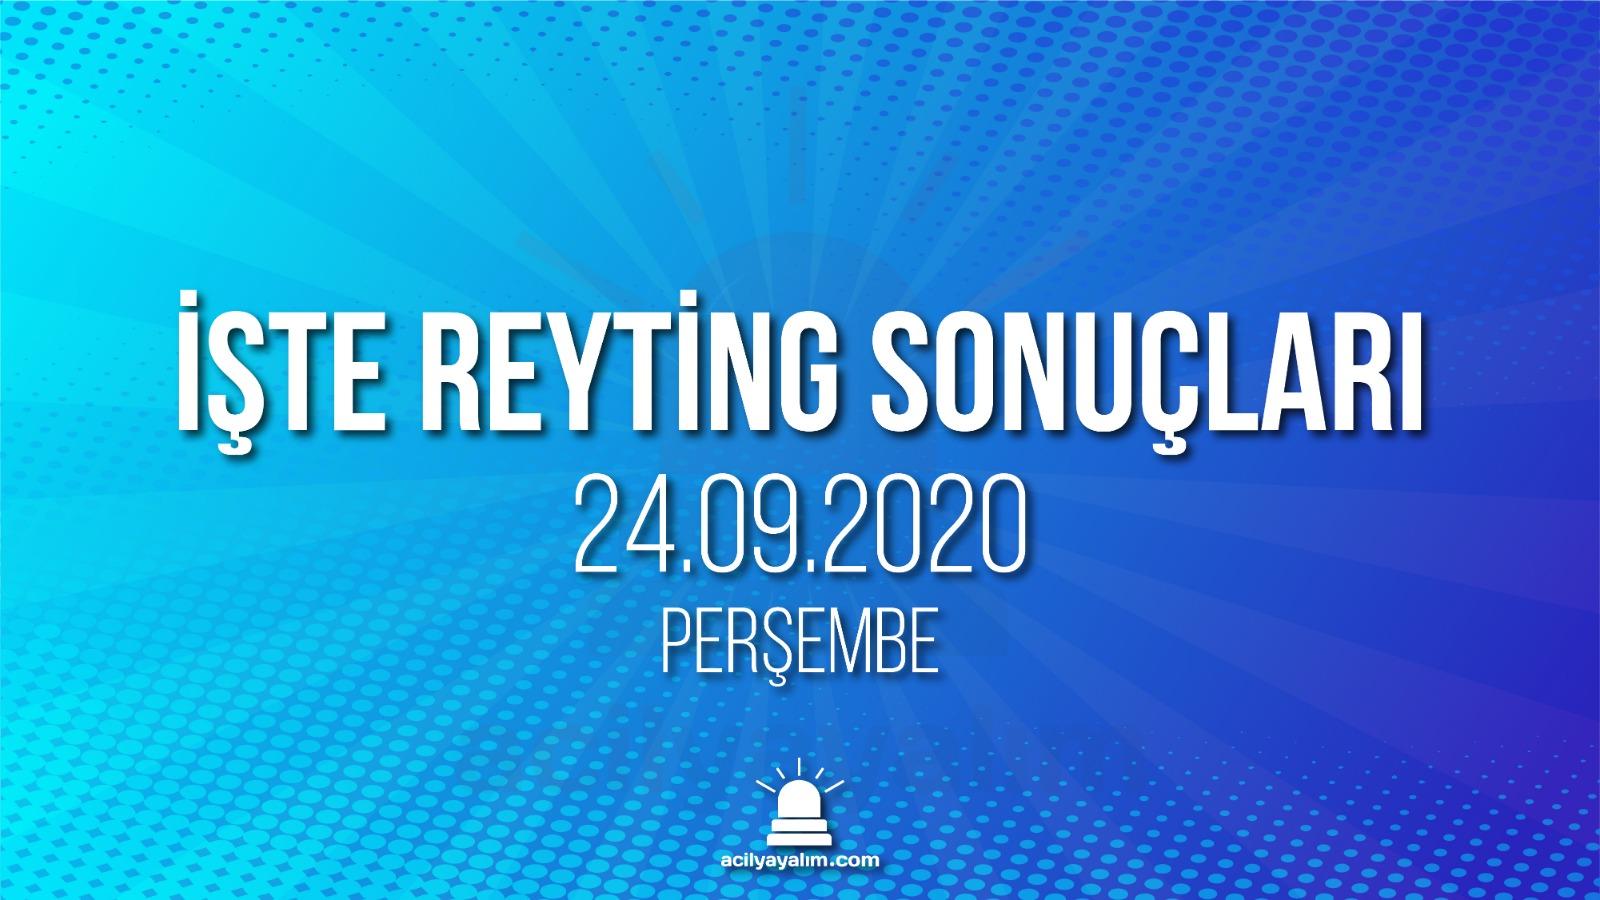 24 Eylül 2020 Perşembe reyting sonuçları